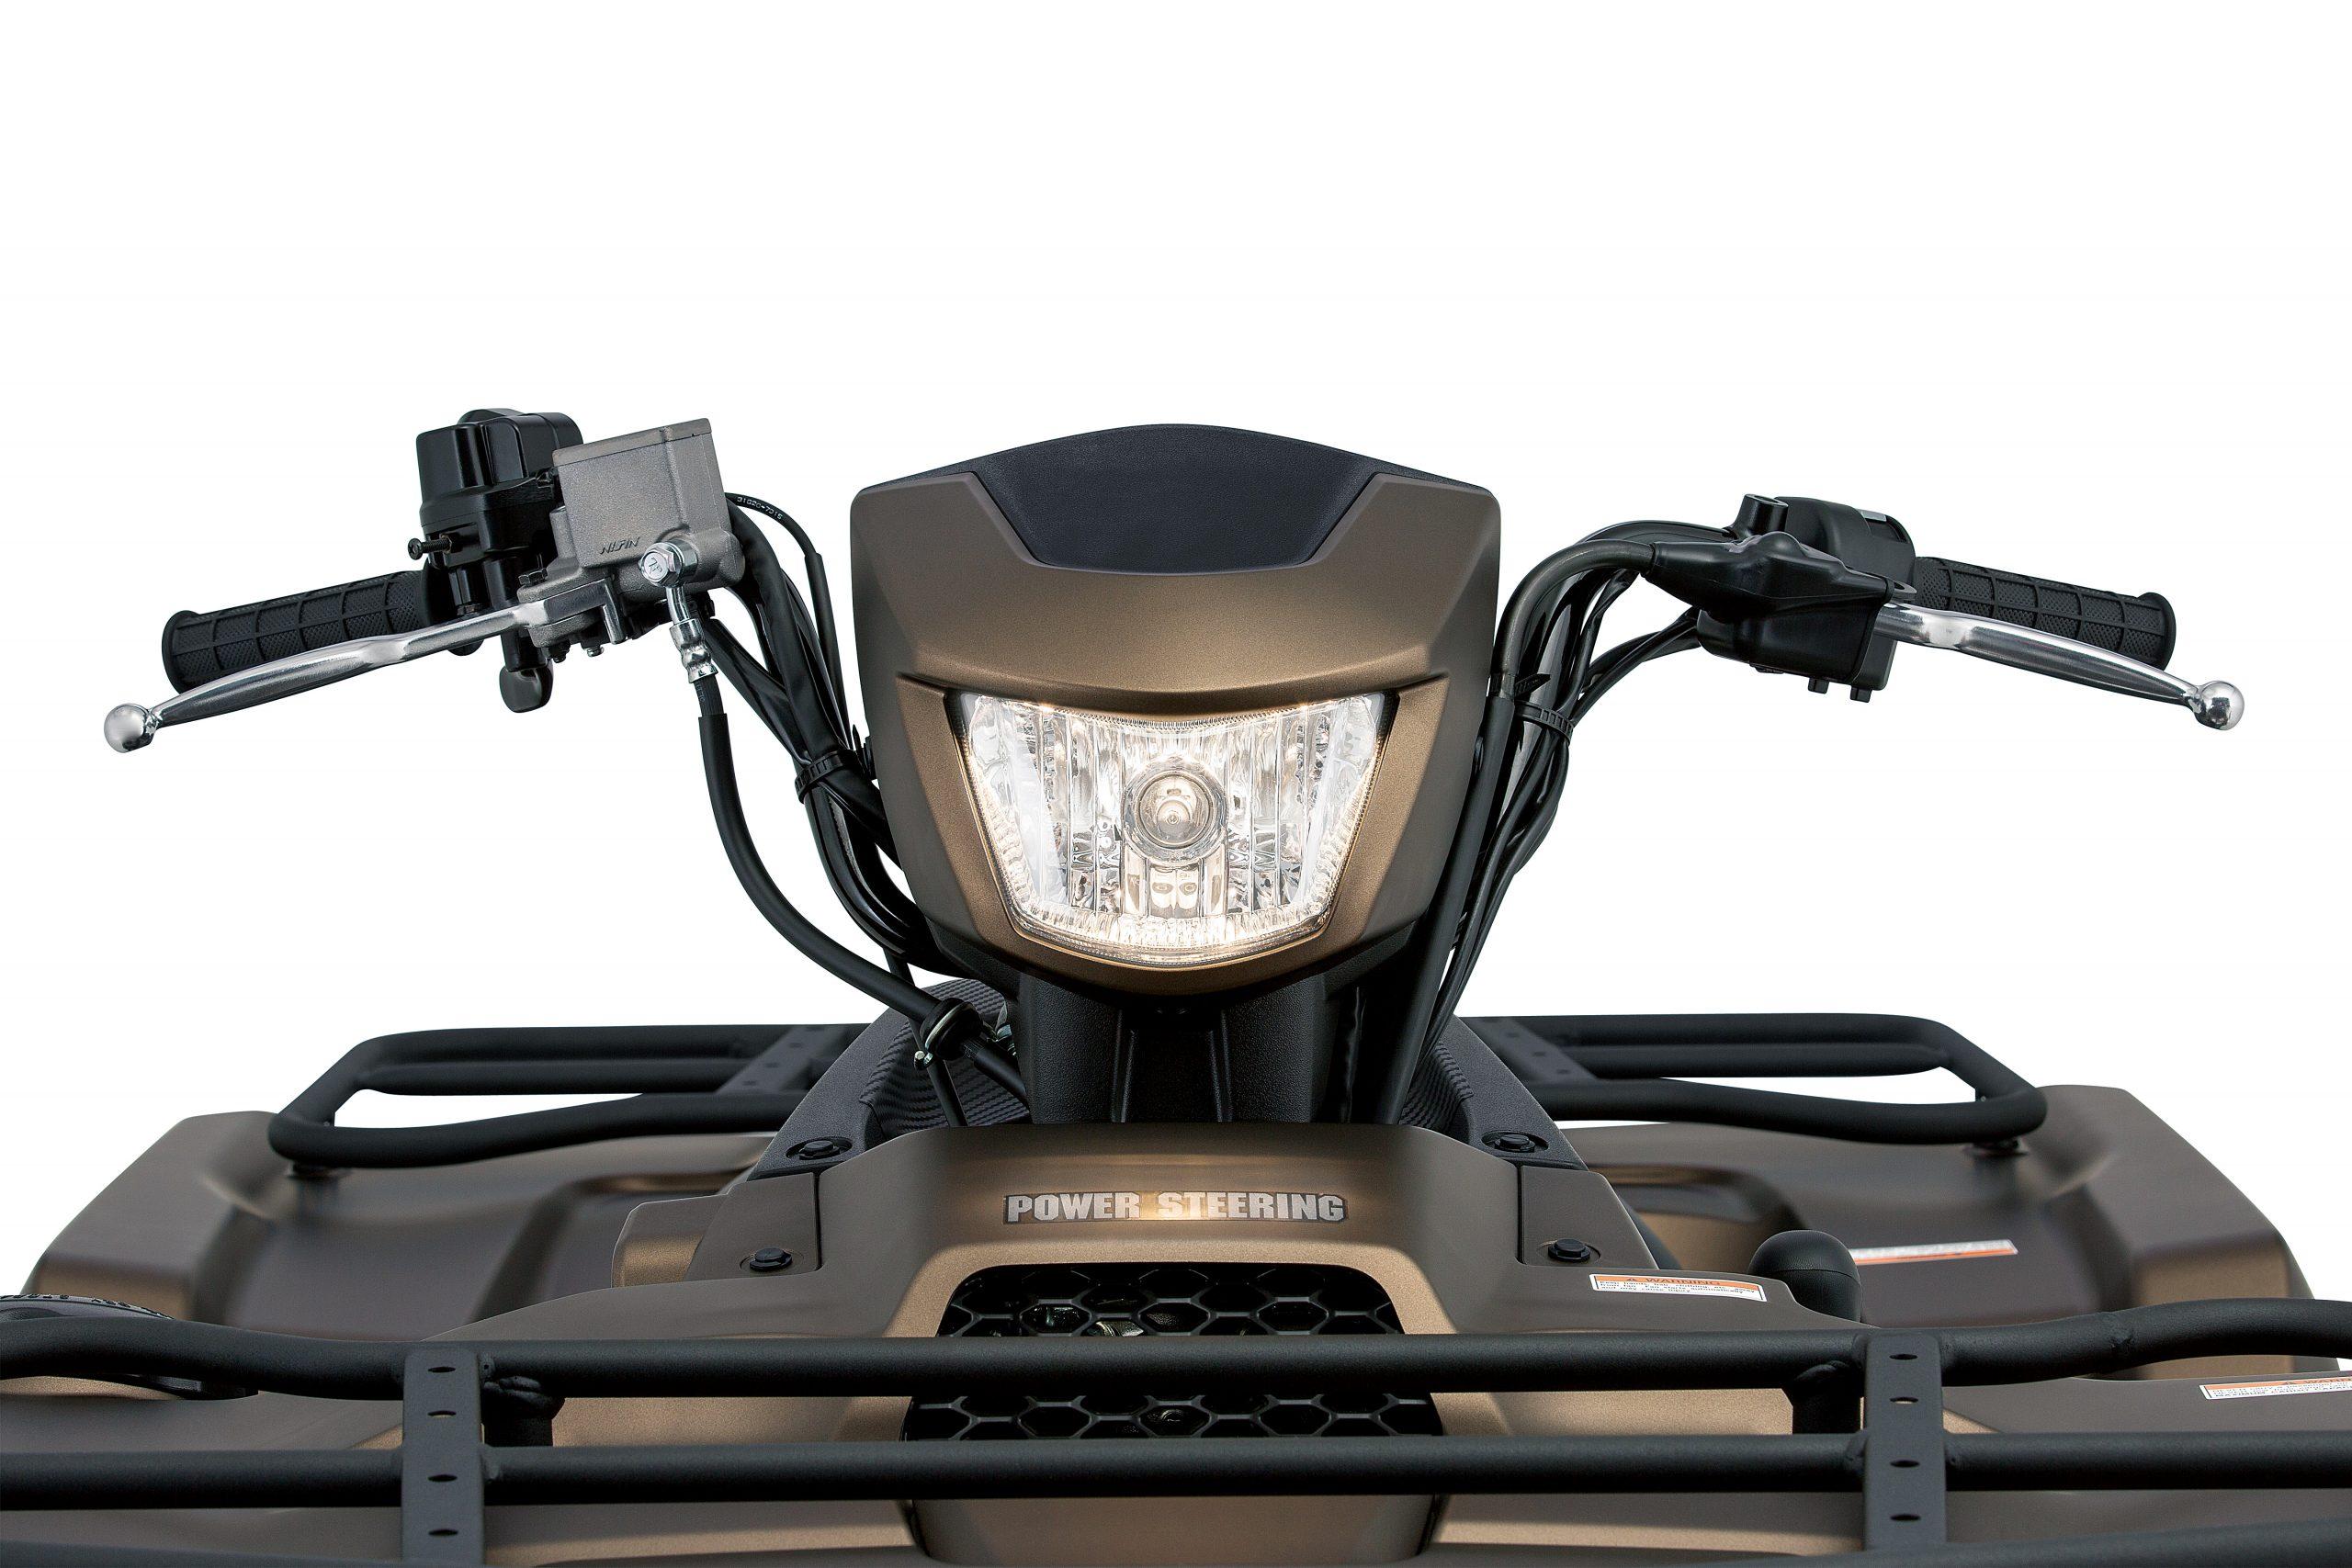 LT-A750XPZL9_handlebar_headlight